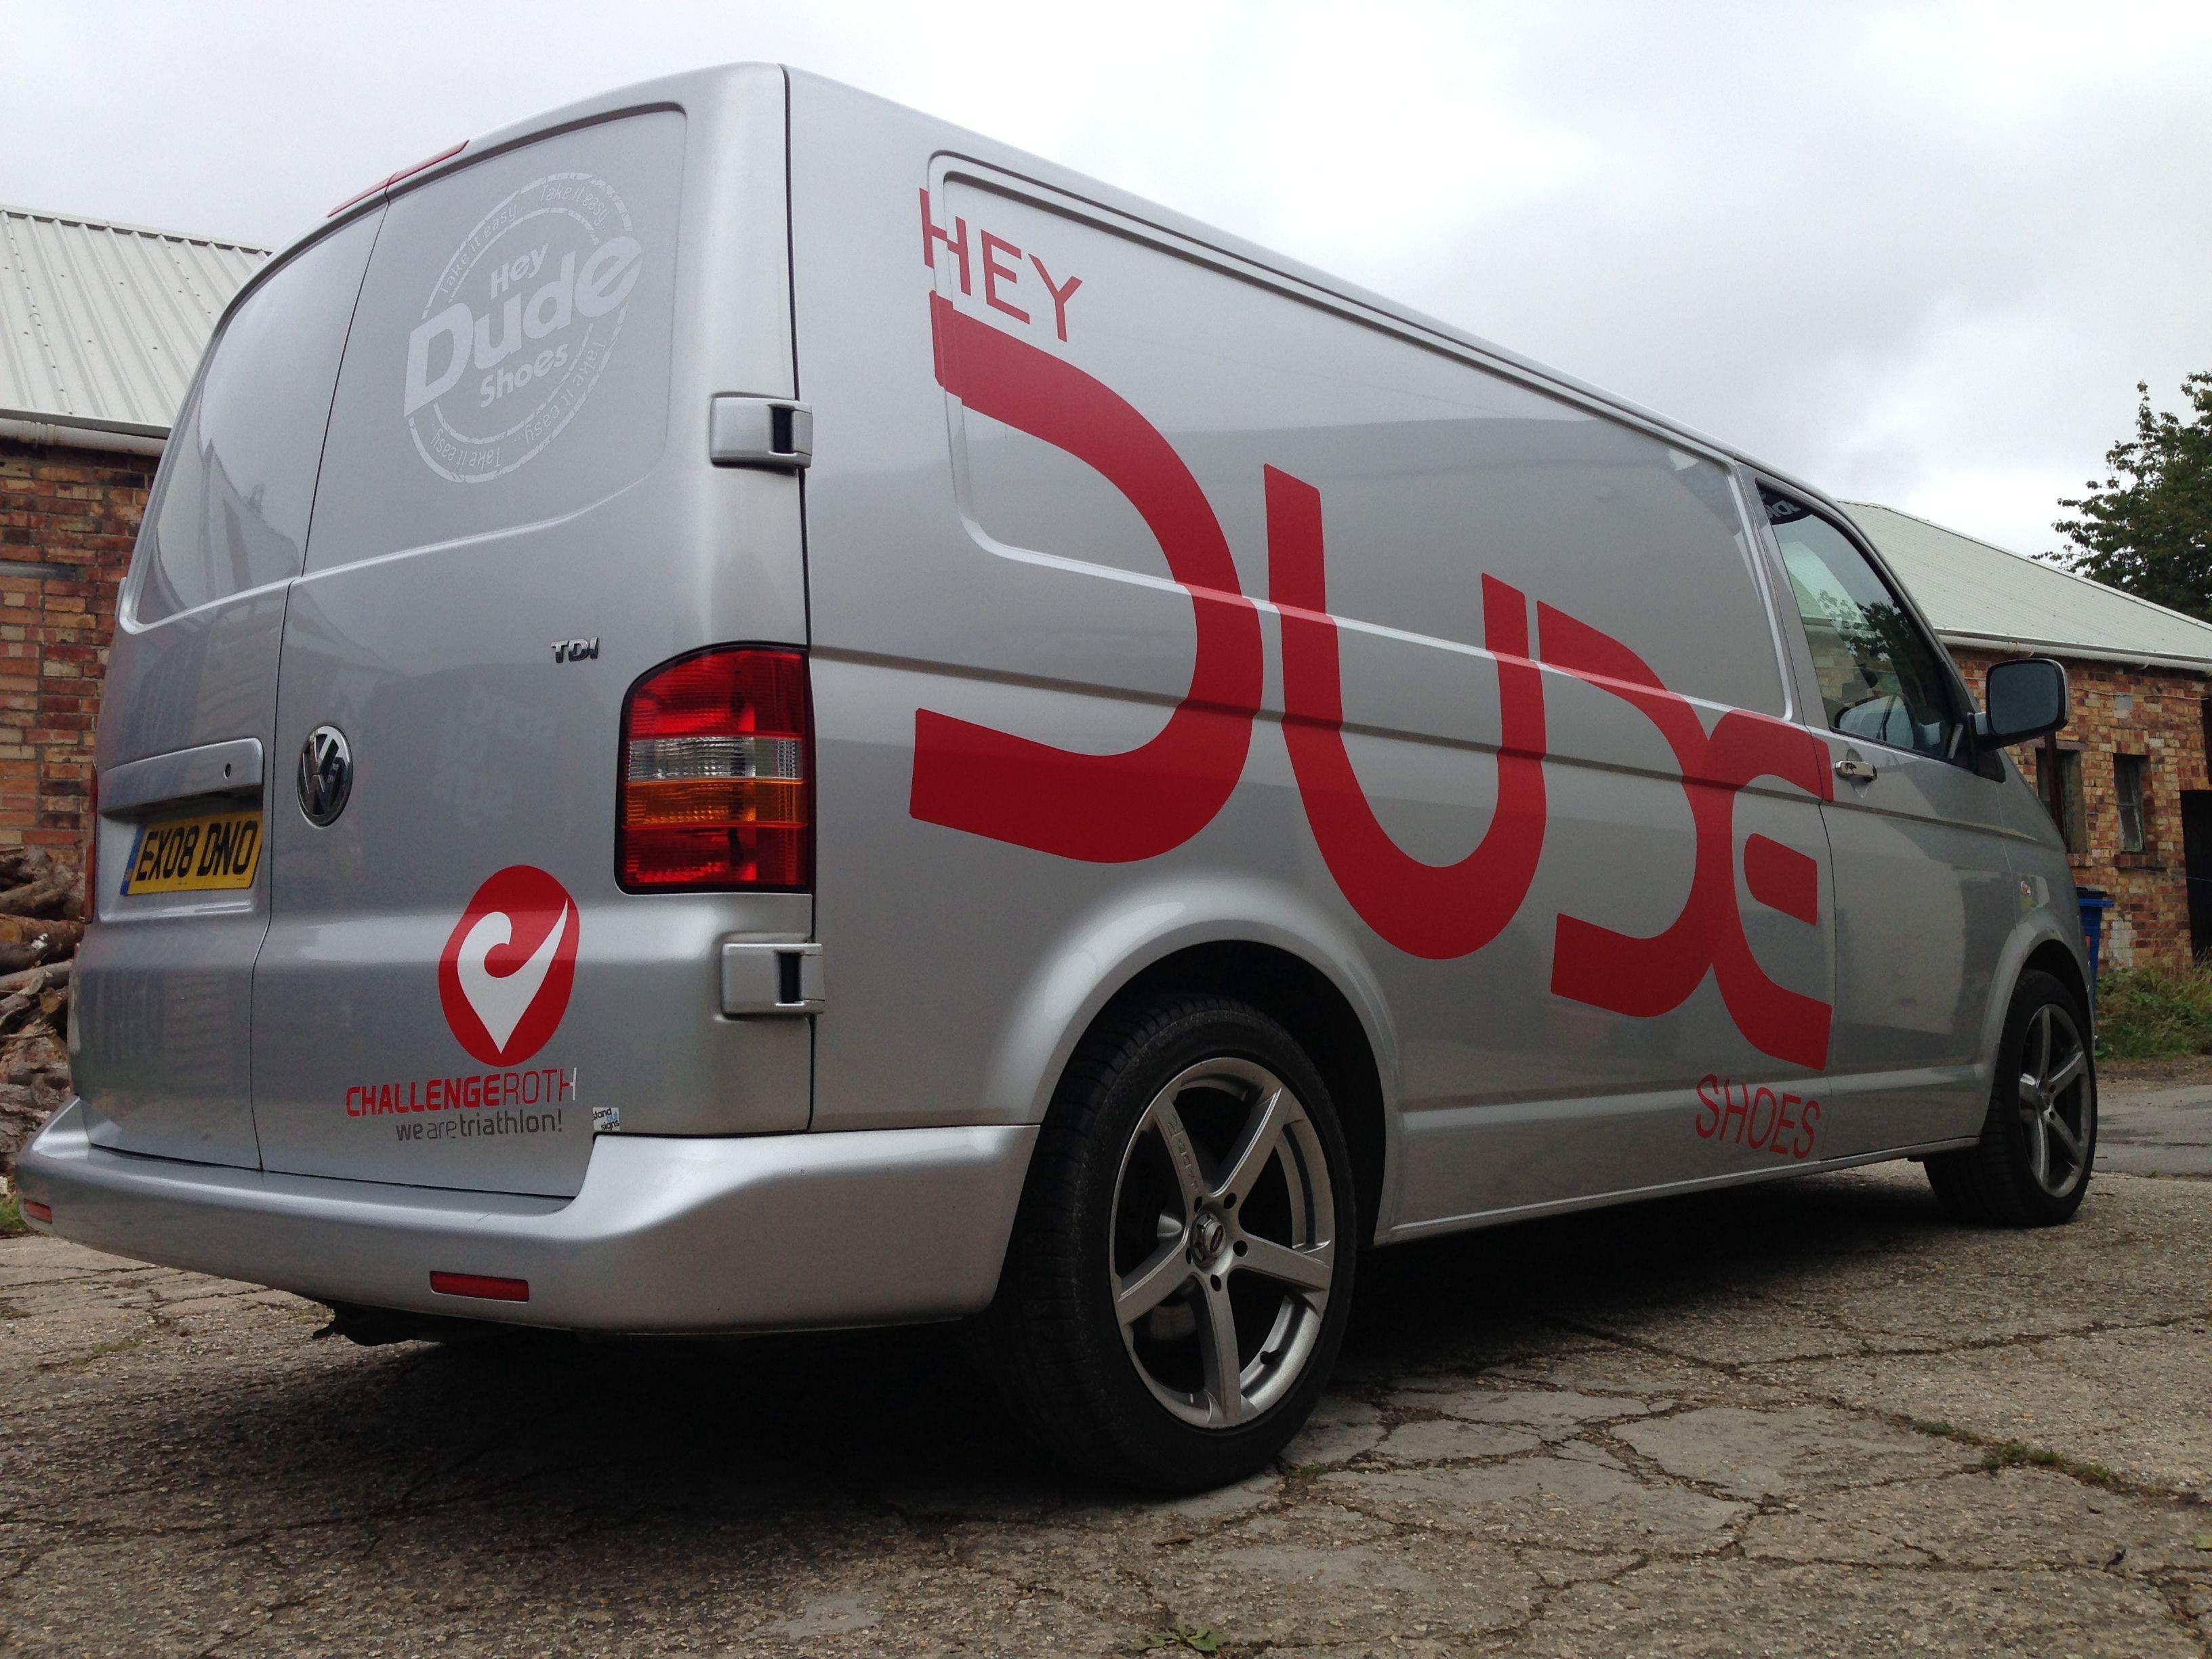 7d42058d26 Dude Shoes vehicle graphics. Vans Logo